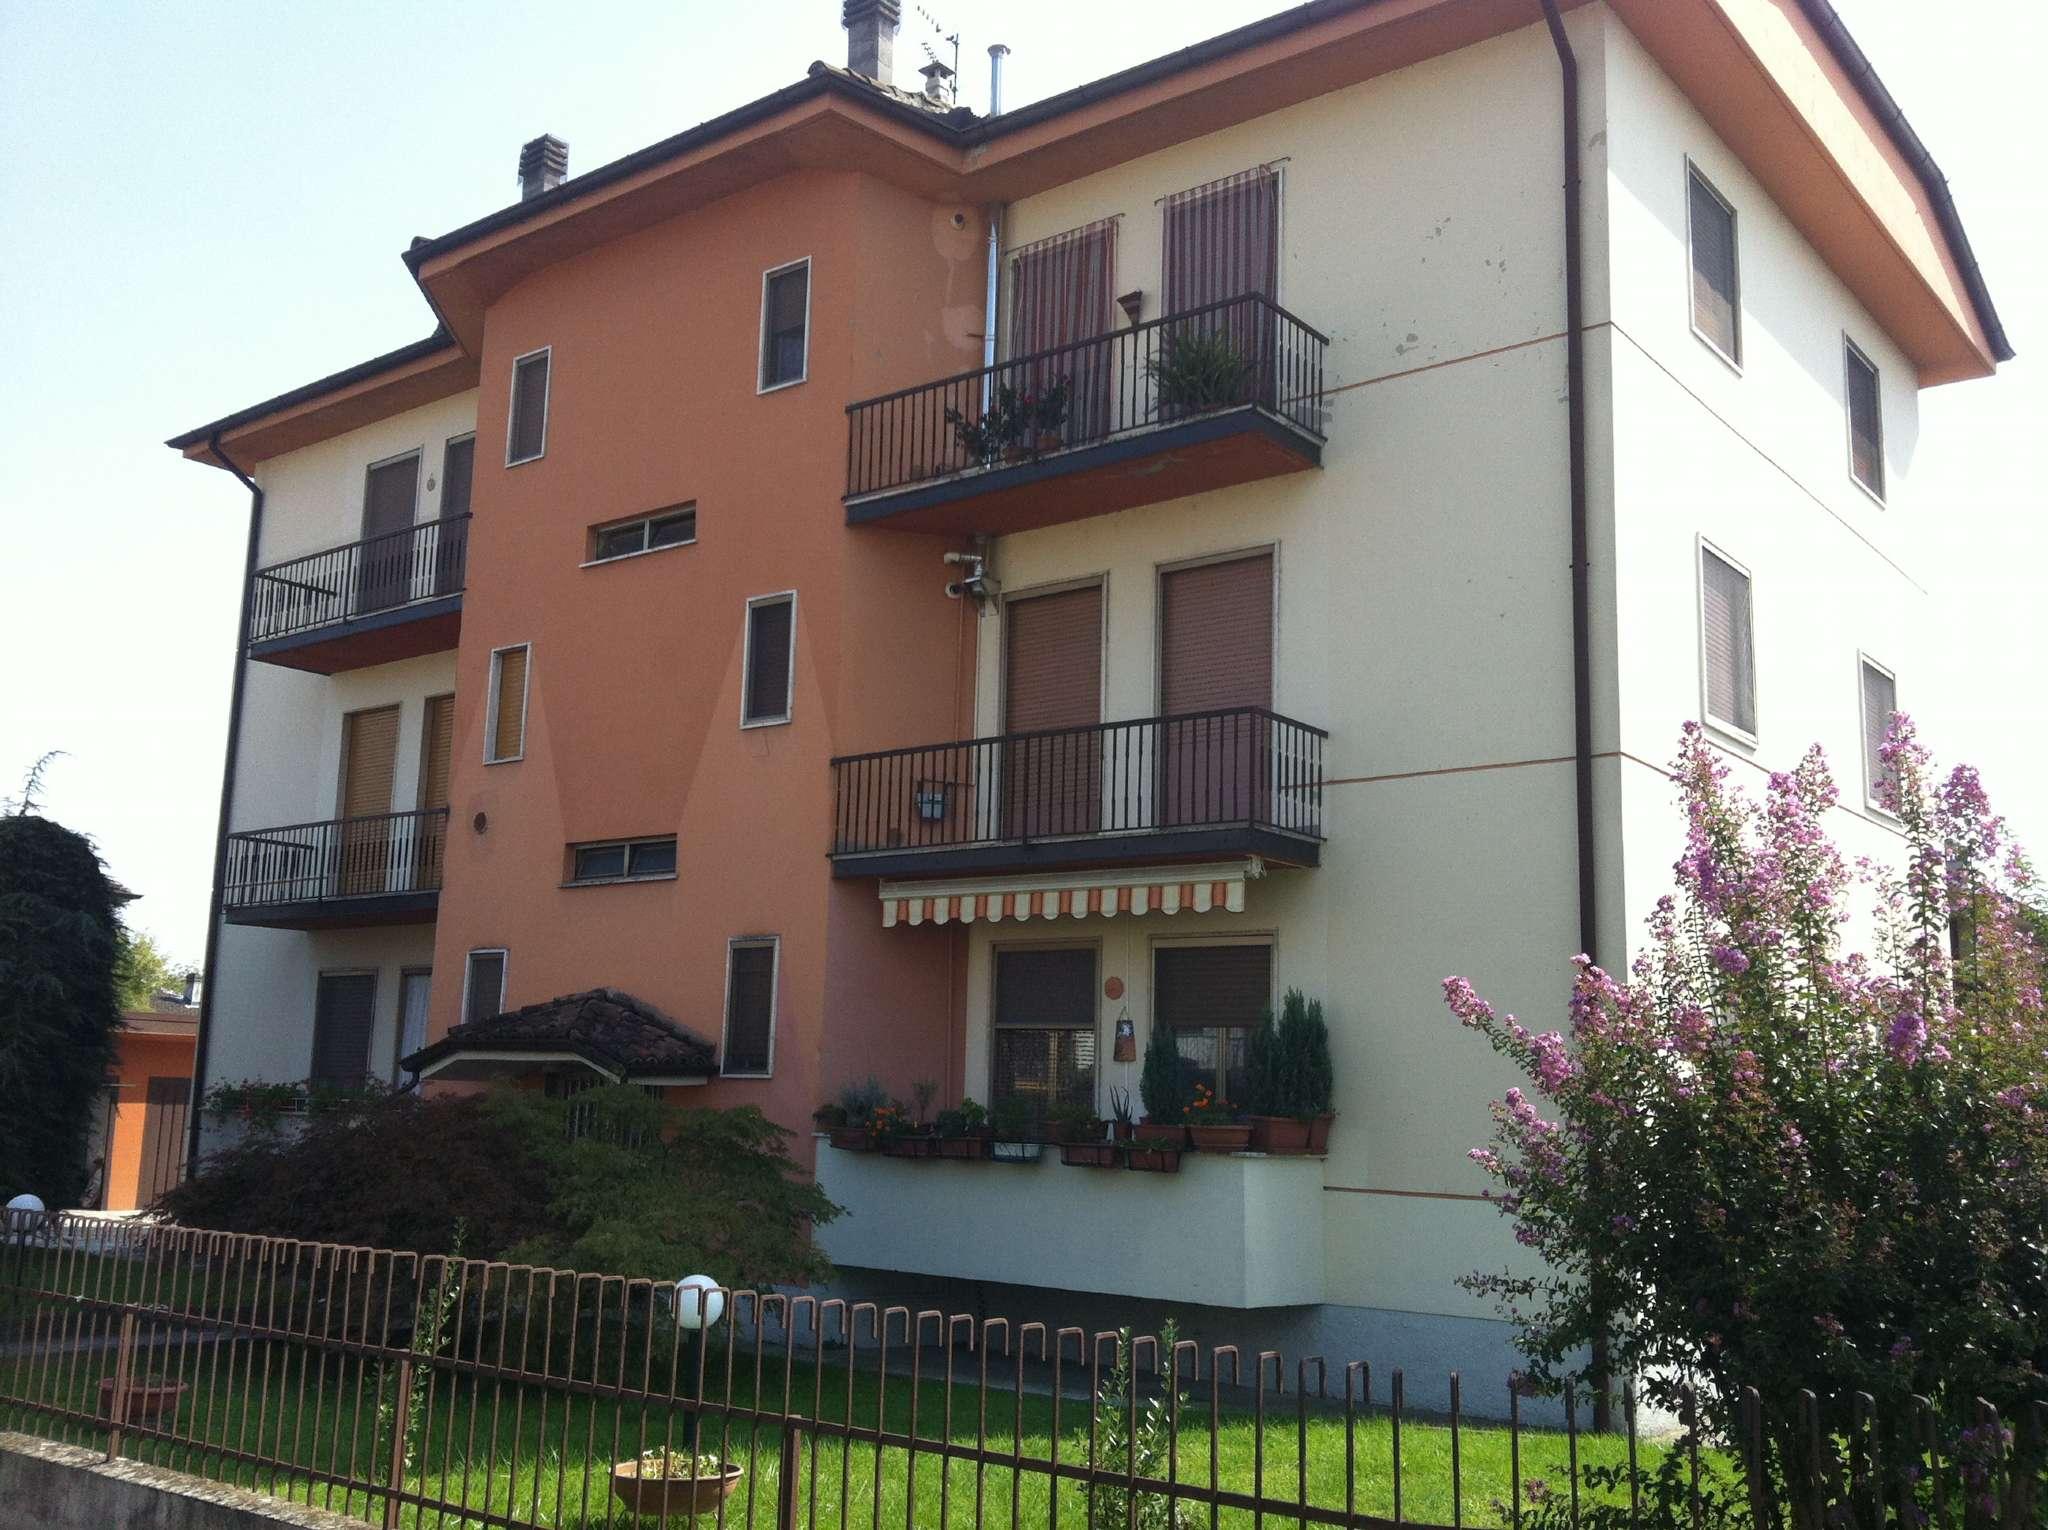 Appartamento in vendita a Montodine, 4 locali, prezzo € 75.000 | CambioCasa.it